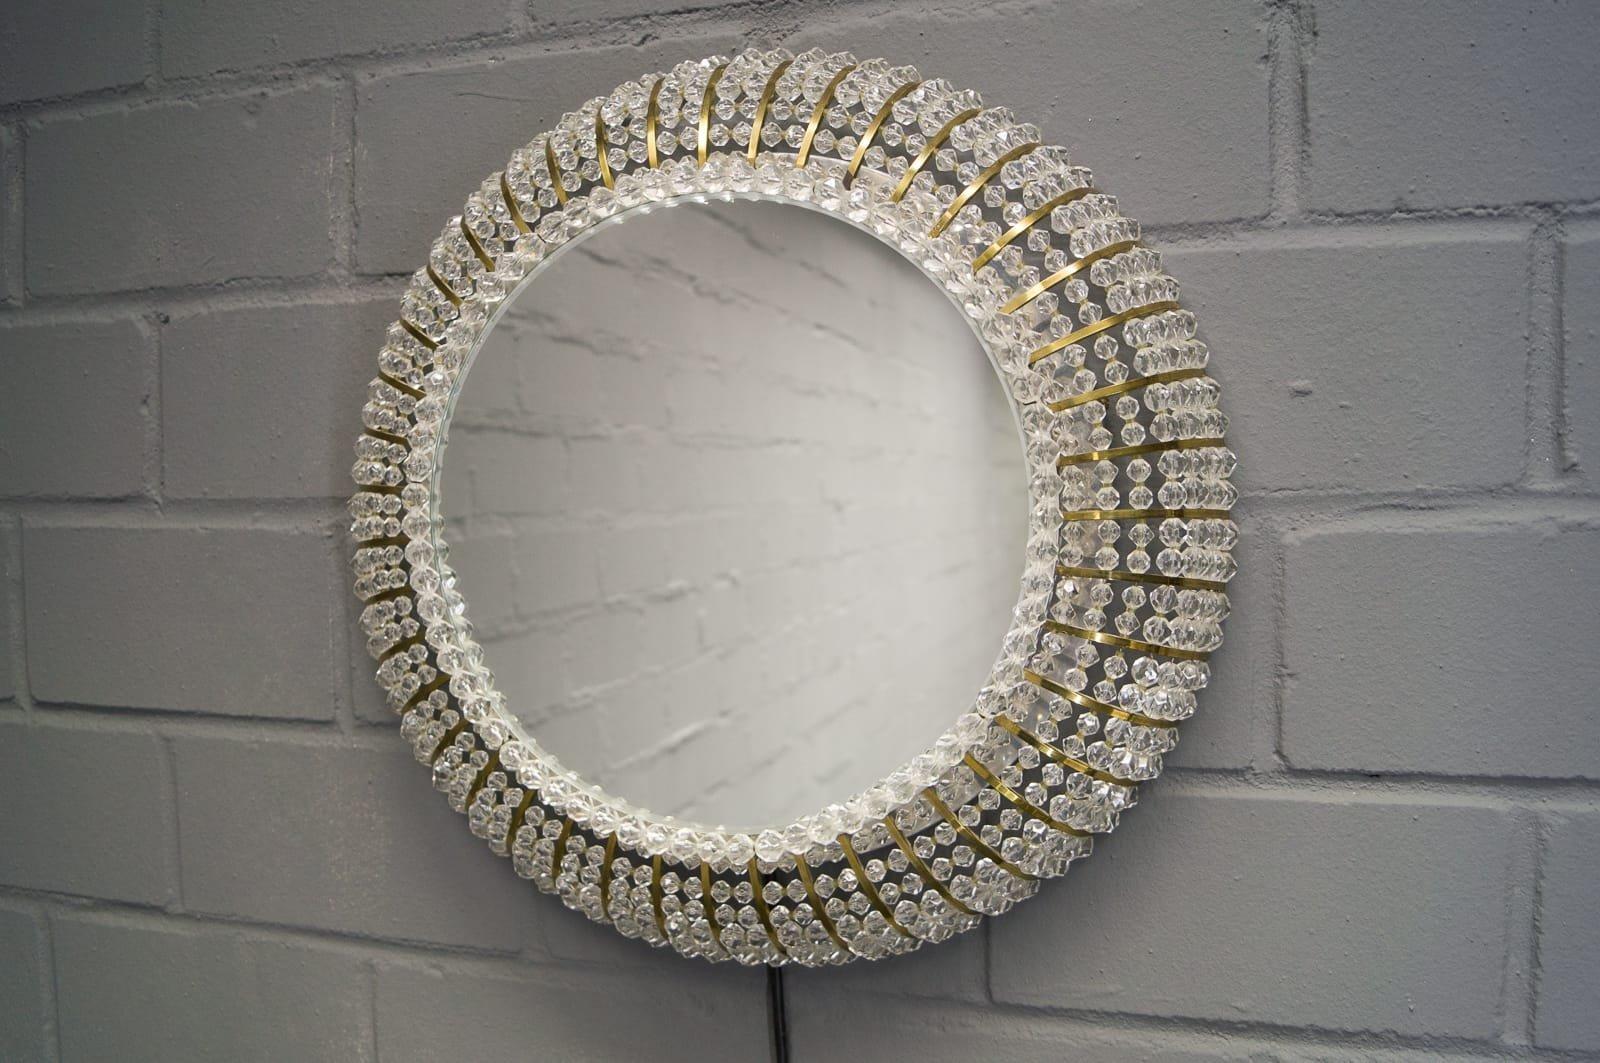 miroir mural vintage lumineux en cristal suisse en vente sur pamono. Black Bedroom Furniture Sets. Home Design Ideas